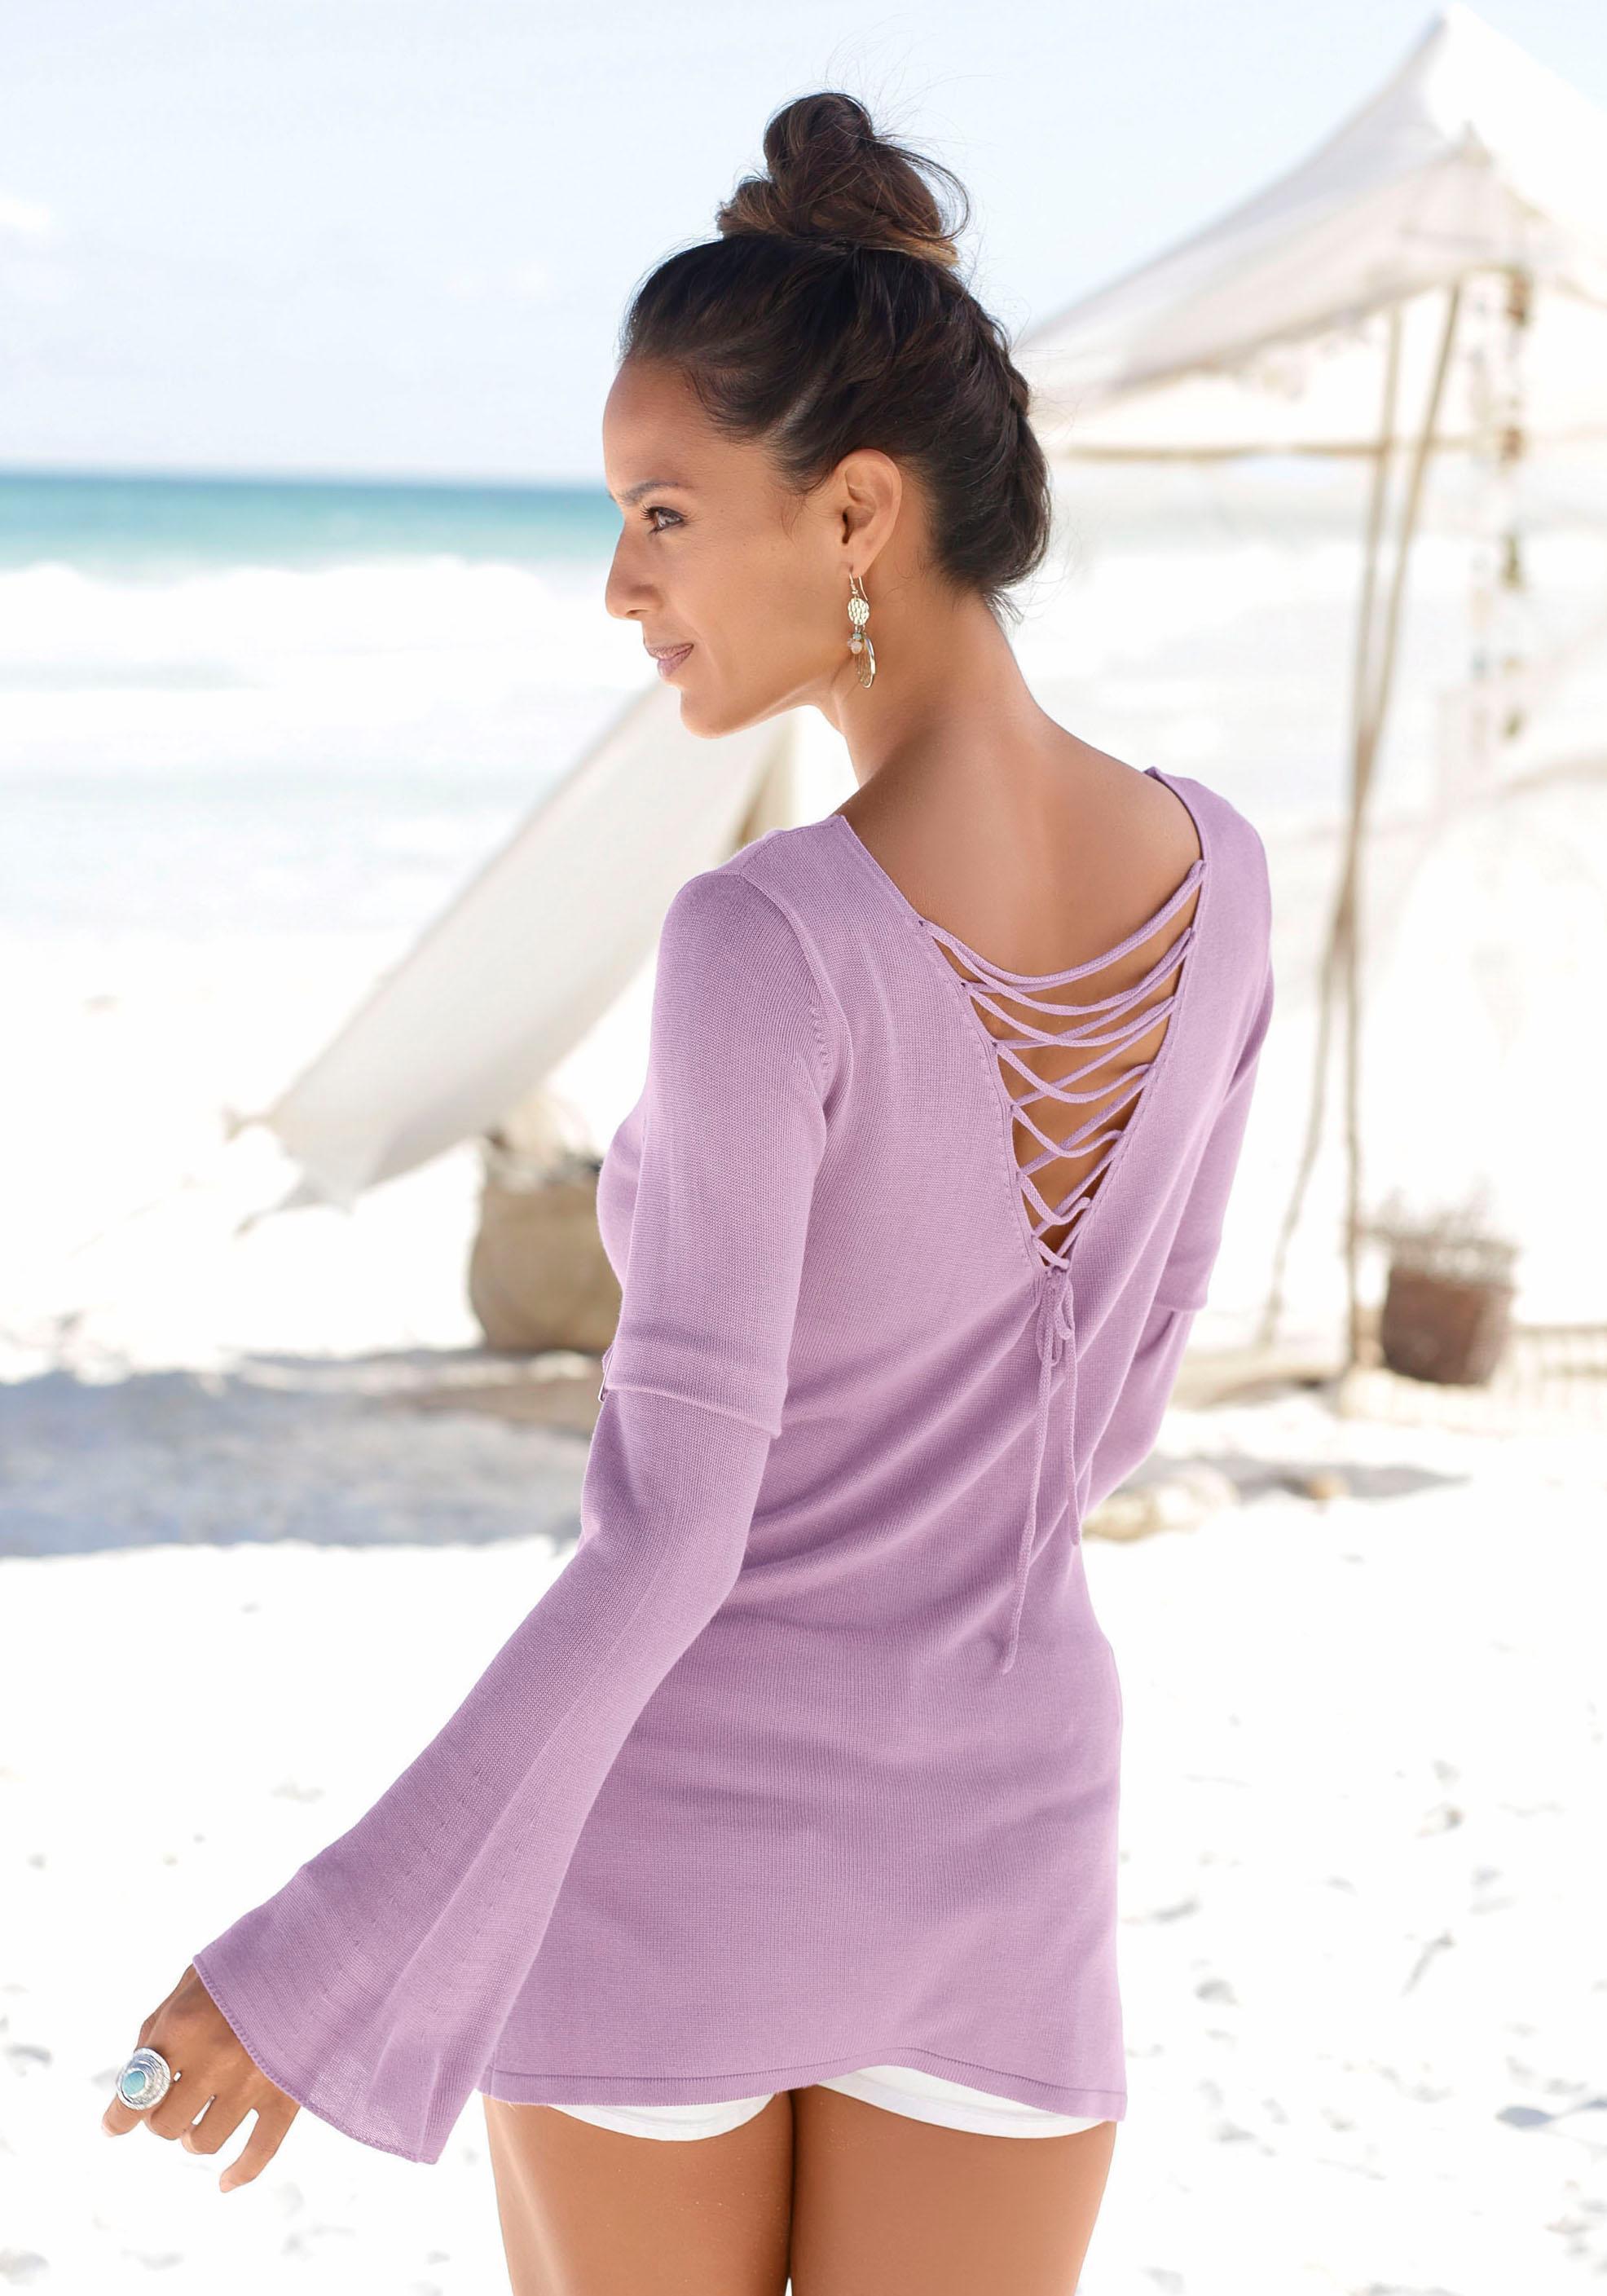 LASCANA Strandpullover mit tollem Rücken